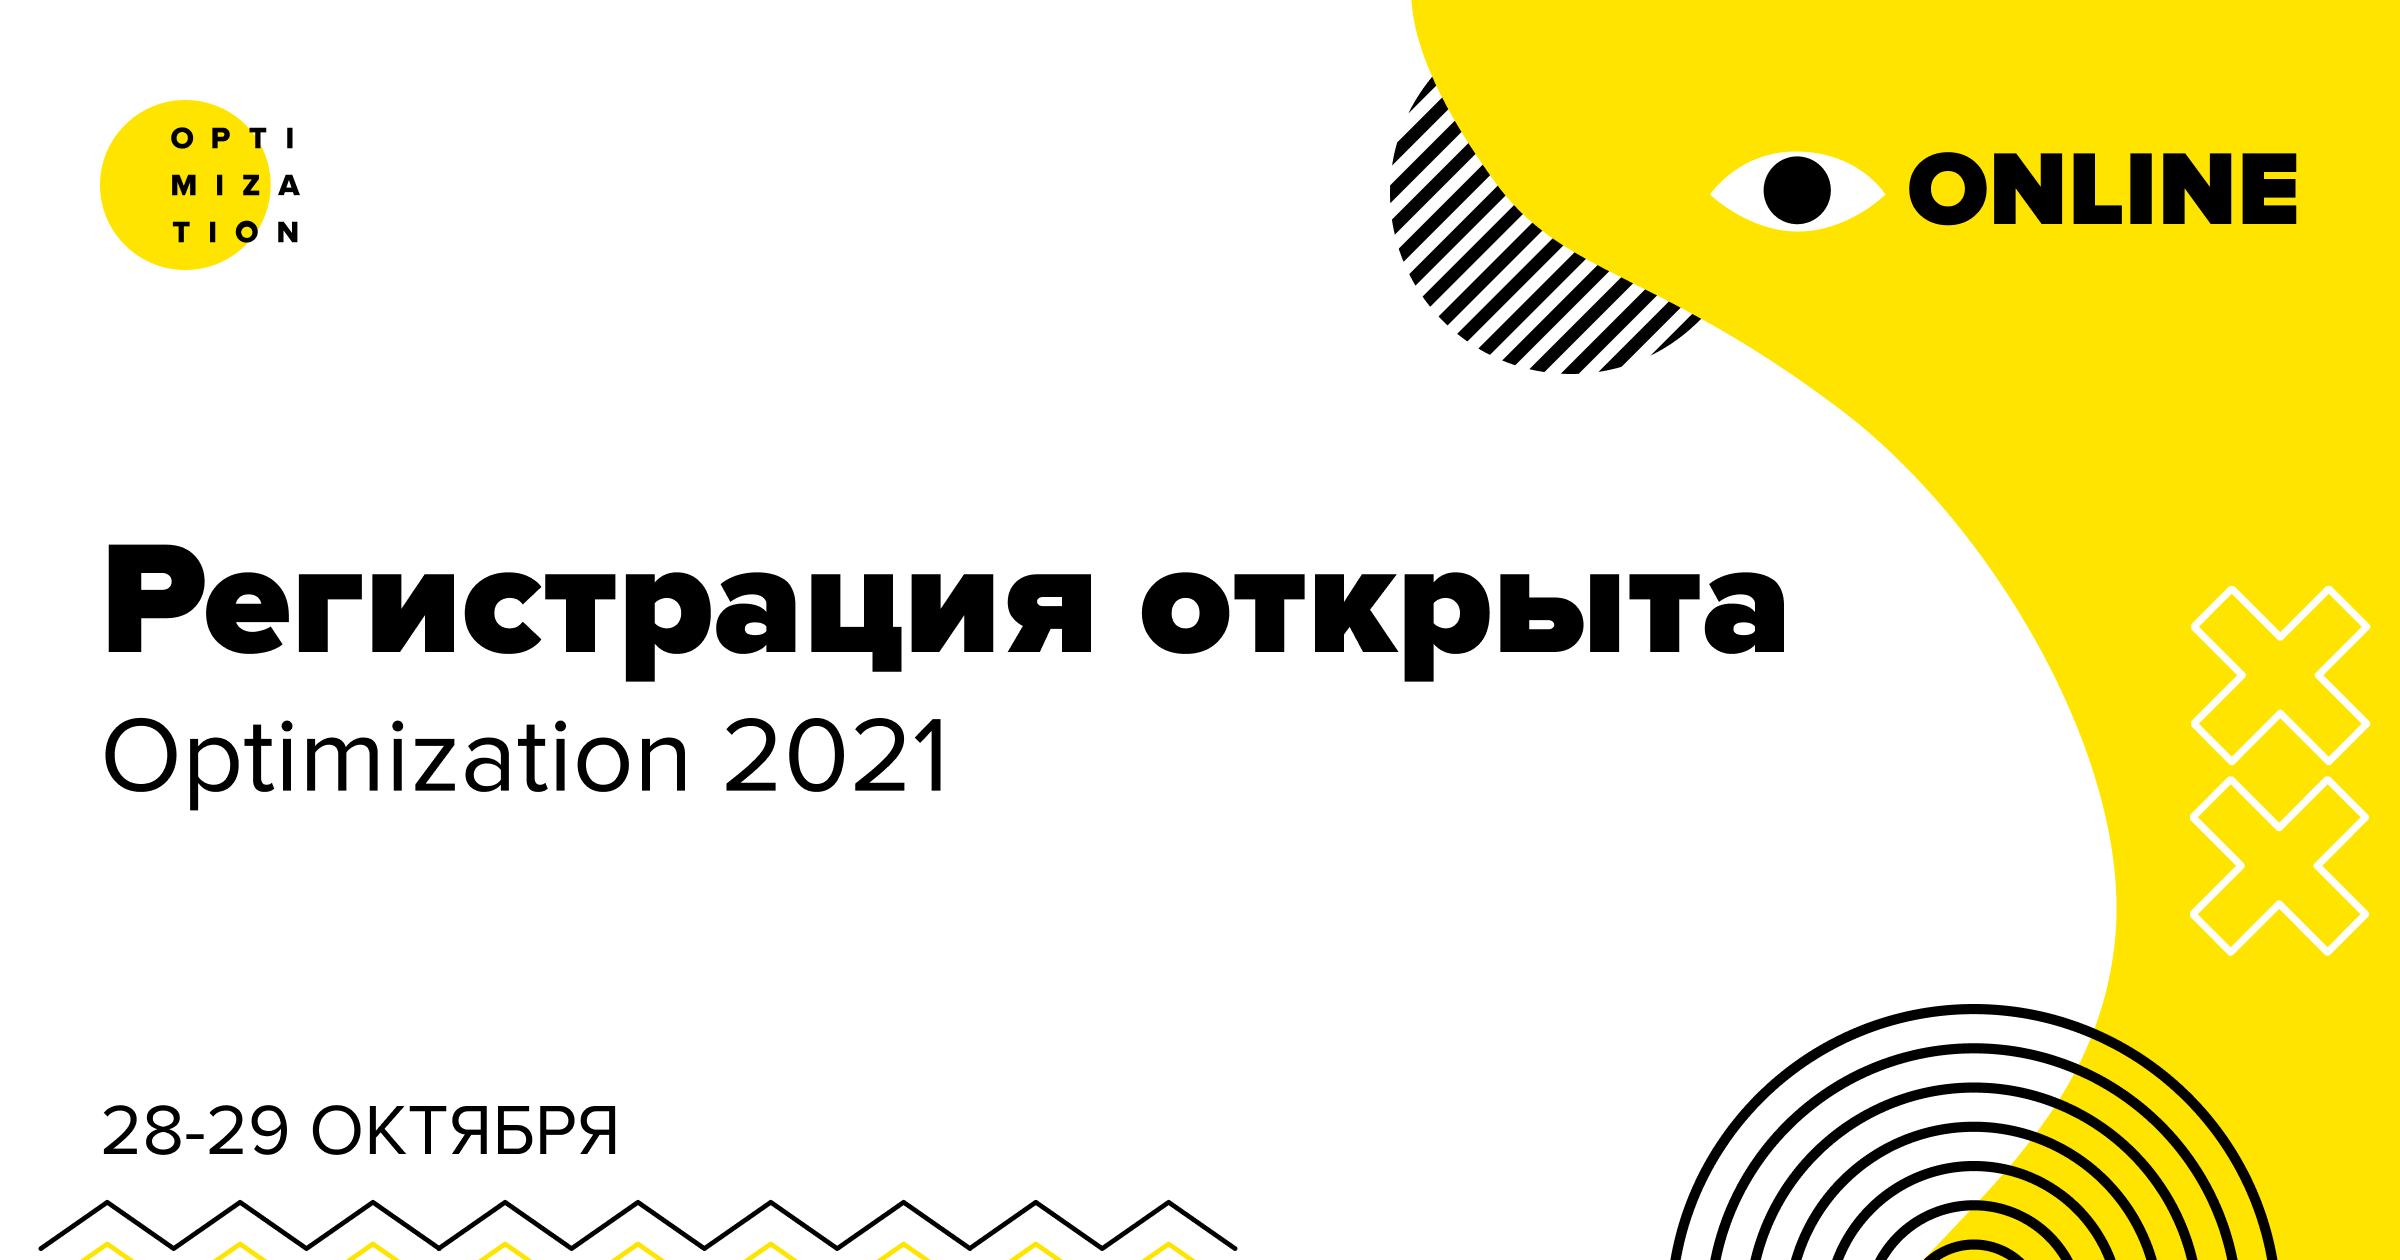 Приглашем на 20-ю юбилейную конференцию Optimization